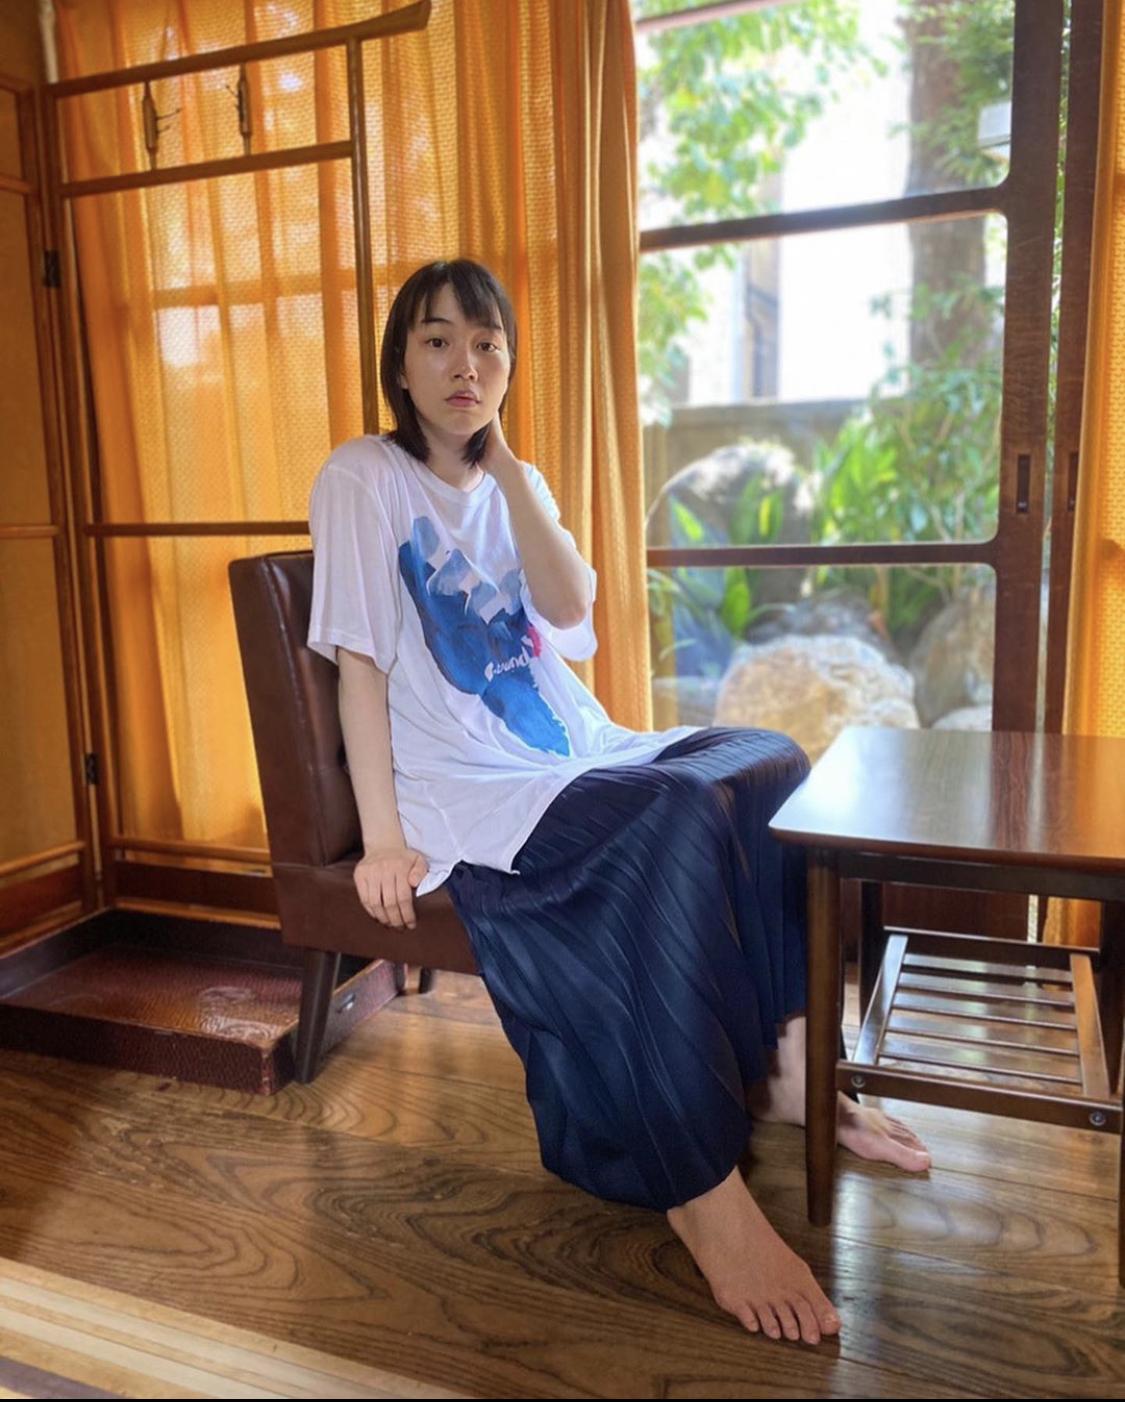 【画像】能年玲奈(27)さん、足がおとこ